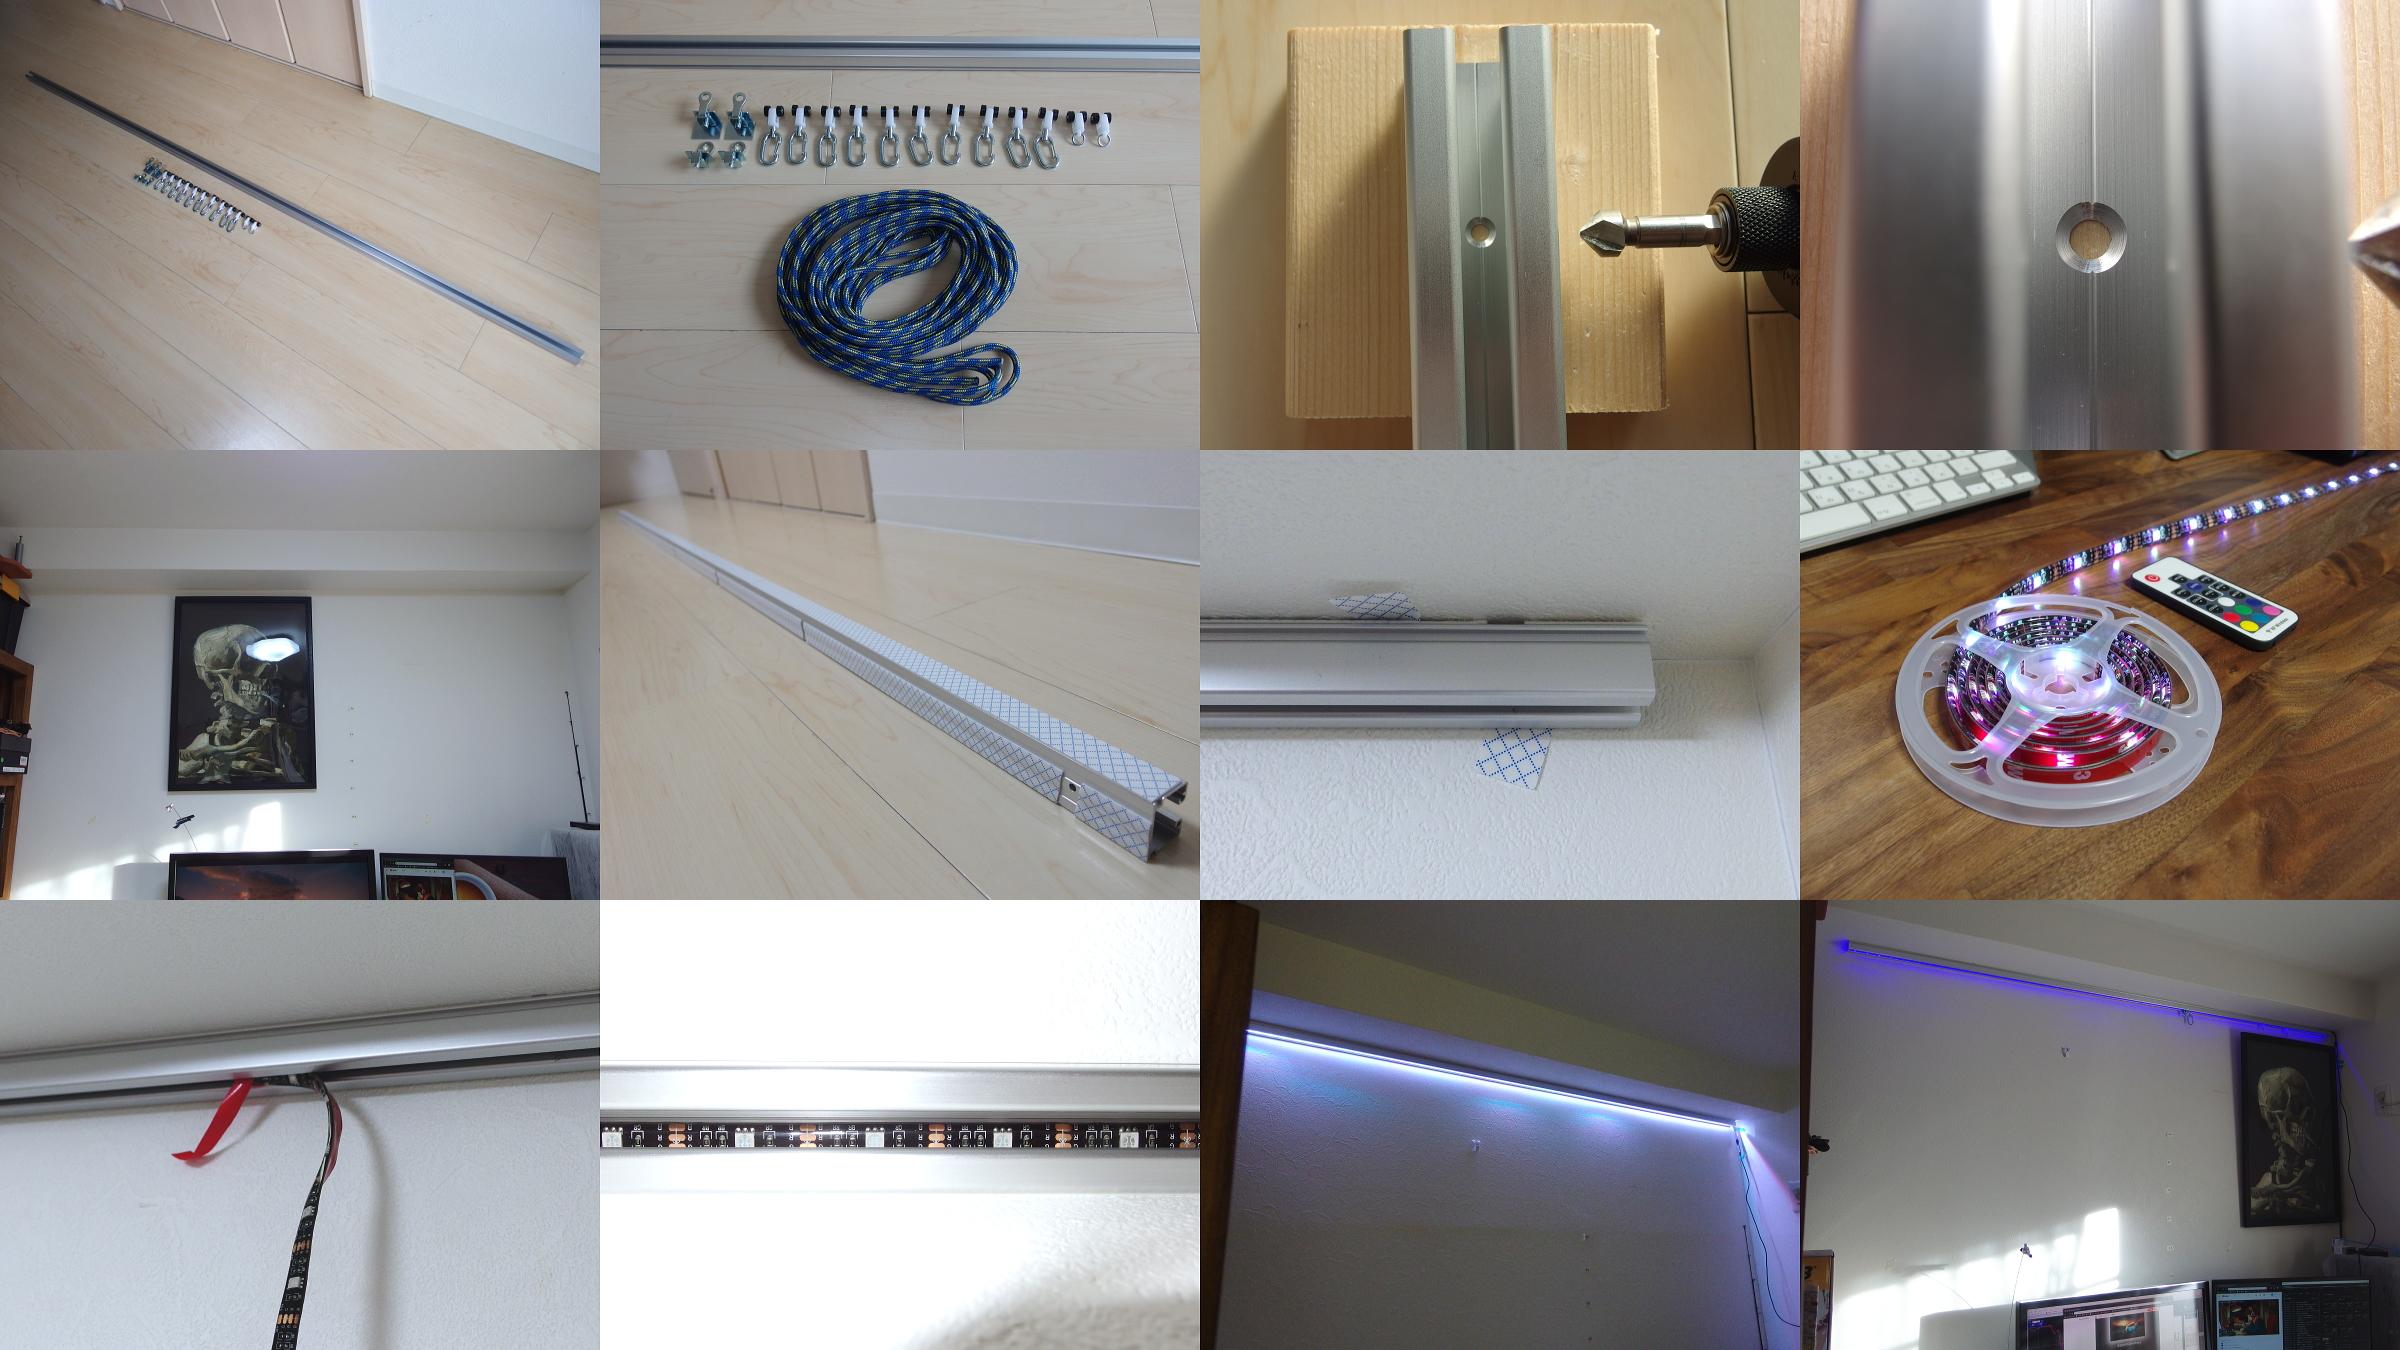 2 - 【画像】PCスレ民、とんでもない方法でモニターを設置してしまう